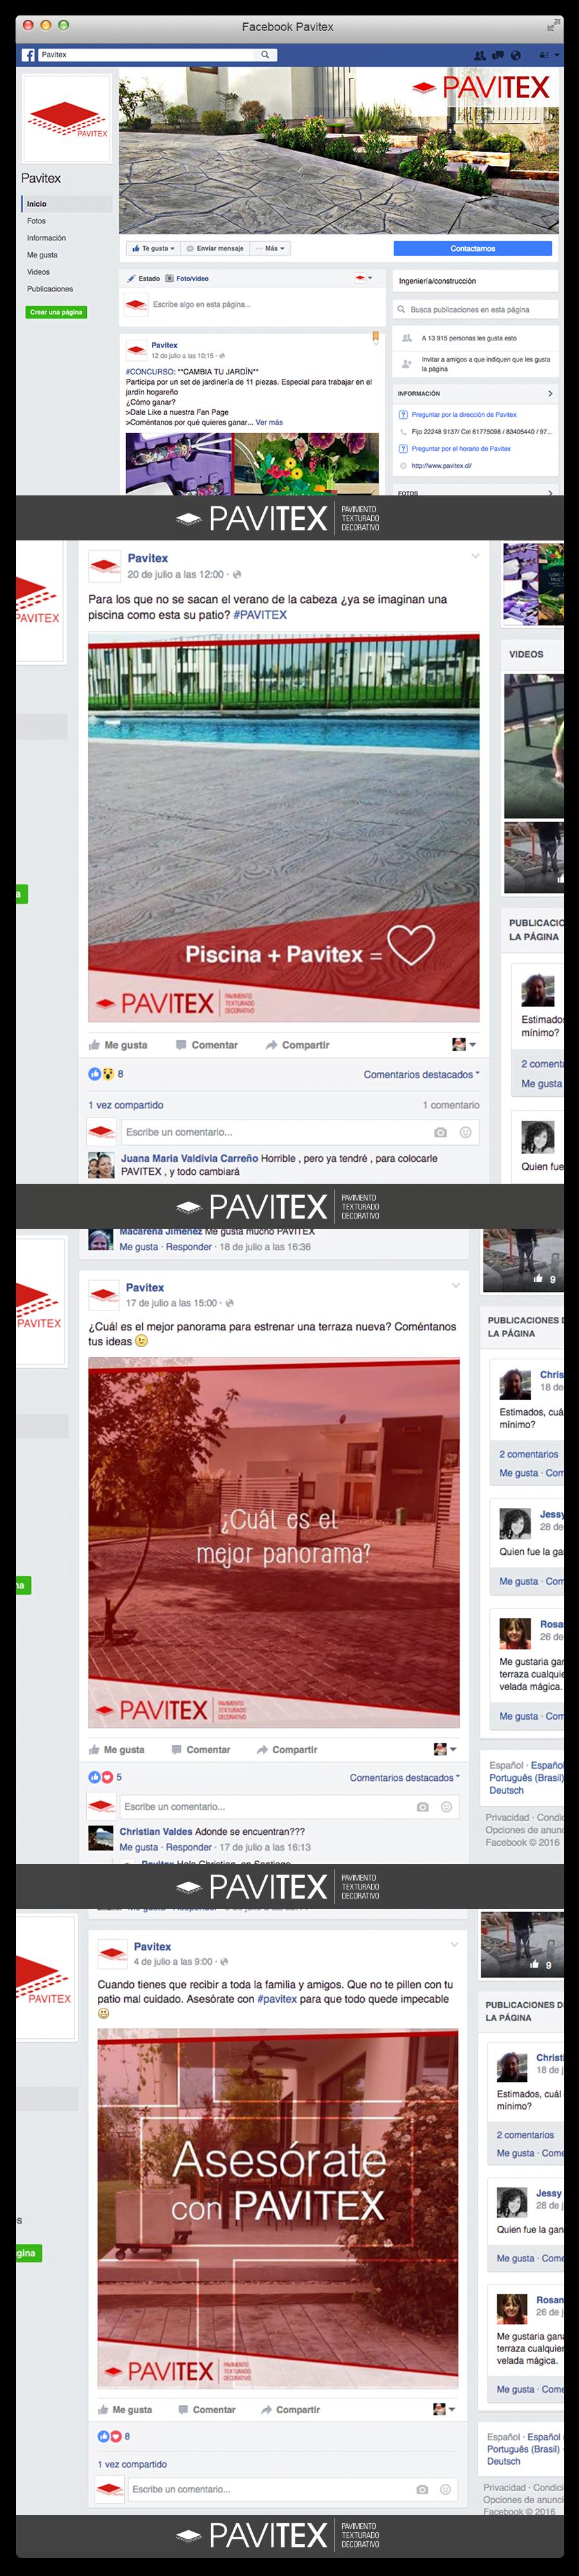 Pavitex_fans